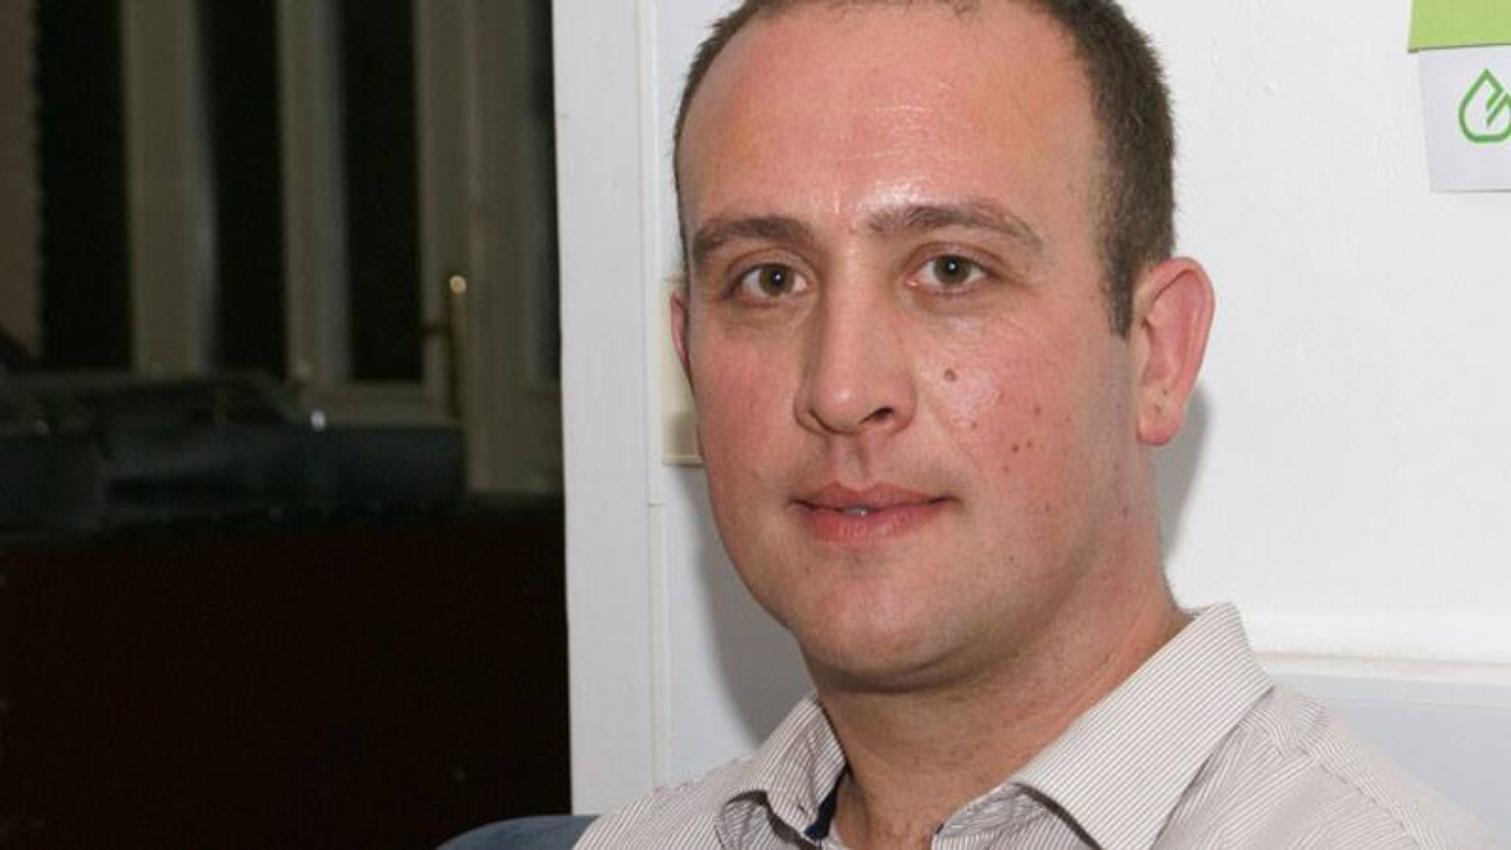 Kandidat za poslanca Klemen Šavli: SLS je edina, ki se resnično zavzema za podeželje